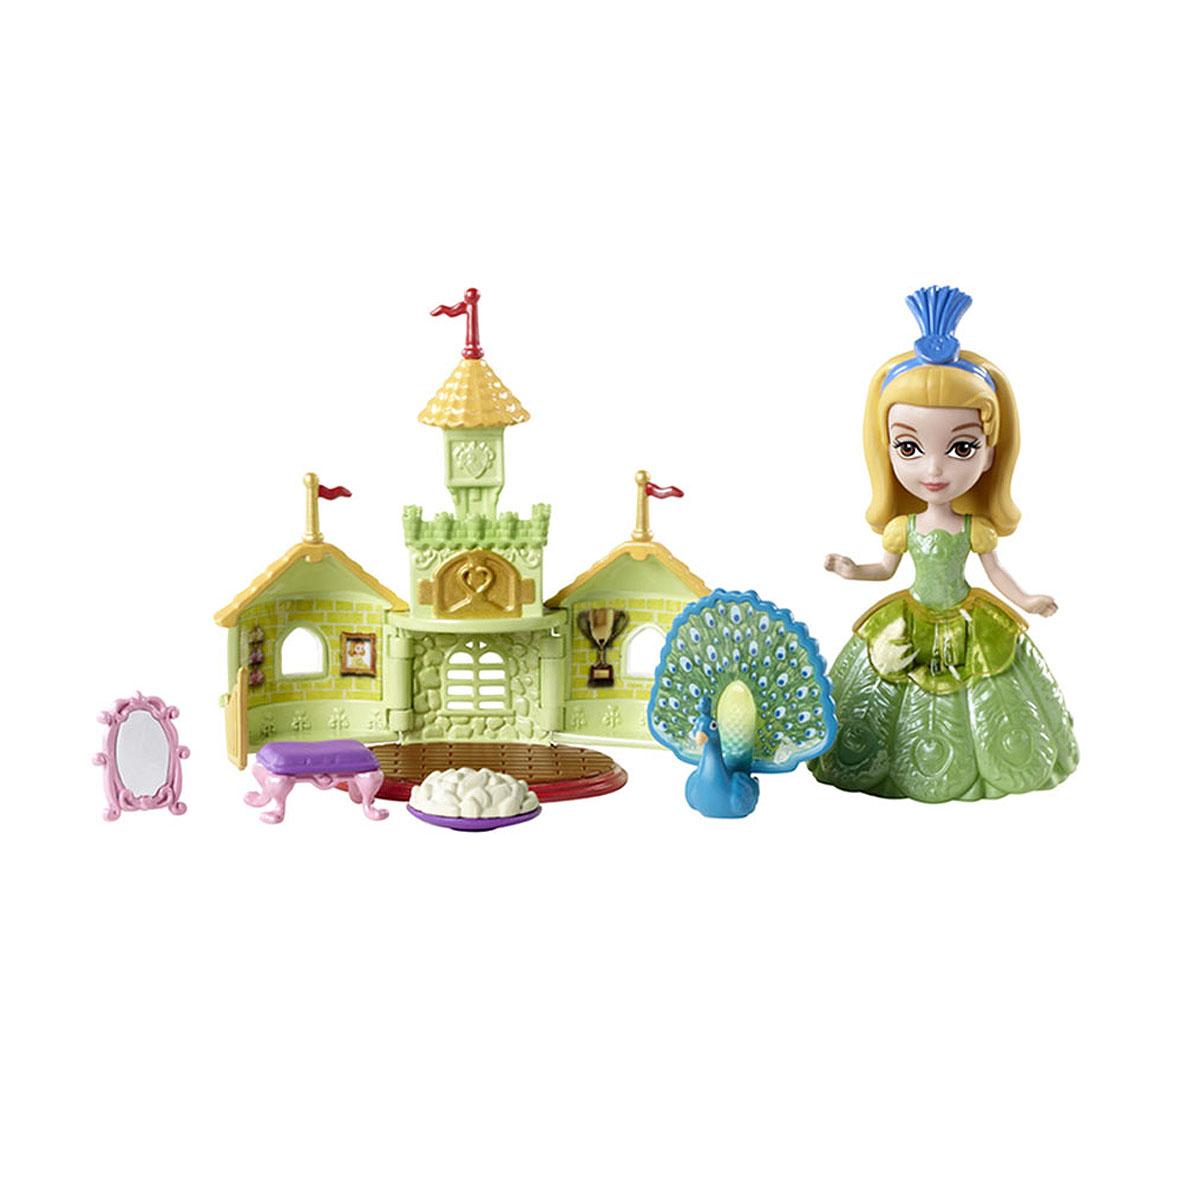 Sofia the First Игровой набор с мини-куклой Принцесса Эмбер и павлин ПрэлинBDK52BDK54Принцесса Эмбер и павлин Прэлин могут целый день веселиться в мини-зоопарке, который открывается и закрывается для хранения зеркала, угощения и стульчика. В комплект с куклой входит фигурка павлина Прэлин, стульчик для него, зеркало, мини-зоопарк в виде замка, угощение и медальон с изображением Прэлин. Порадуйте свою малышку таким замечательным подарком!